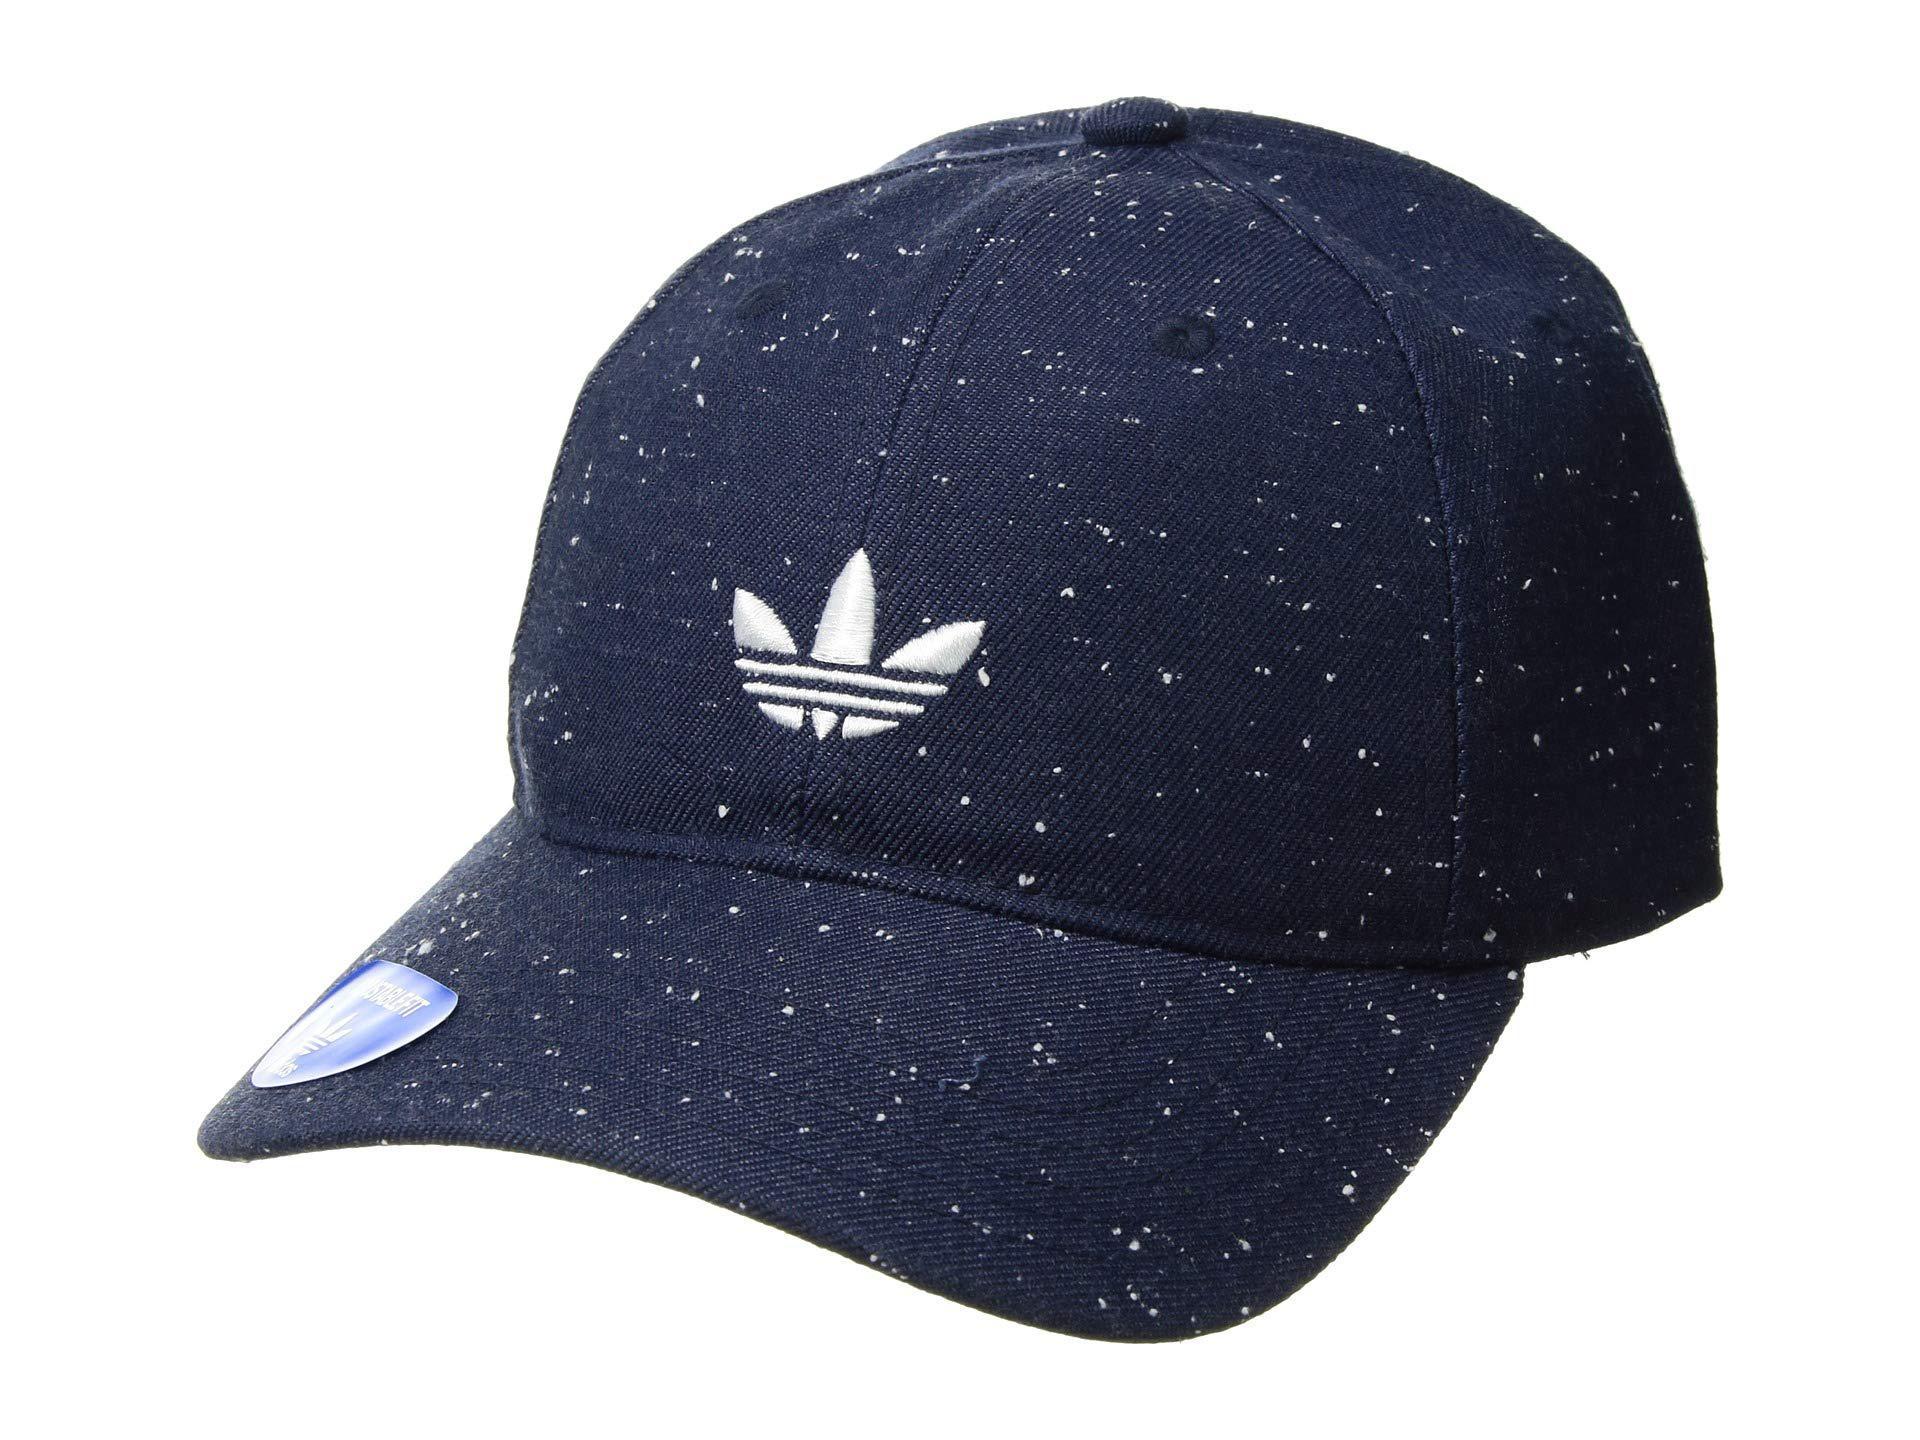 c2dcf0595fa adidas Originals. Men s Blue Originals Relaxed Wool Strapback (clear Brown  black) Caps